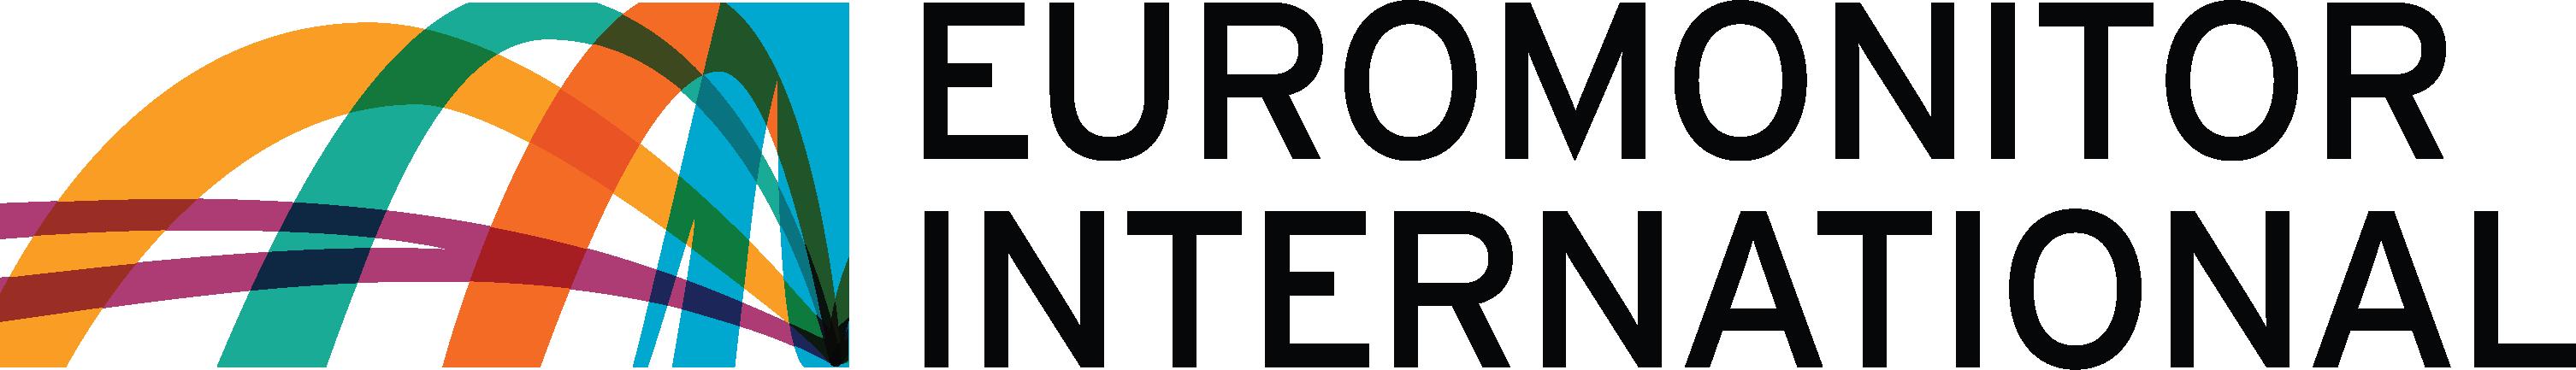 euromonitor_logo.png